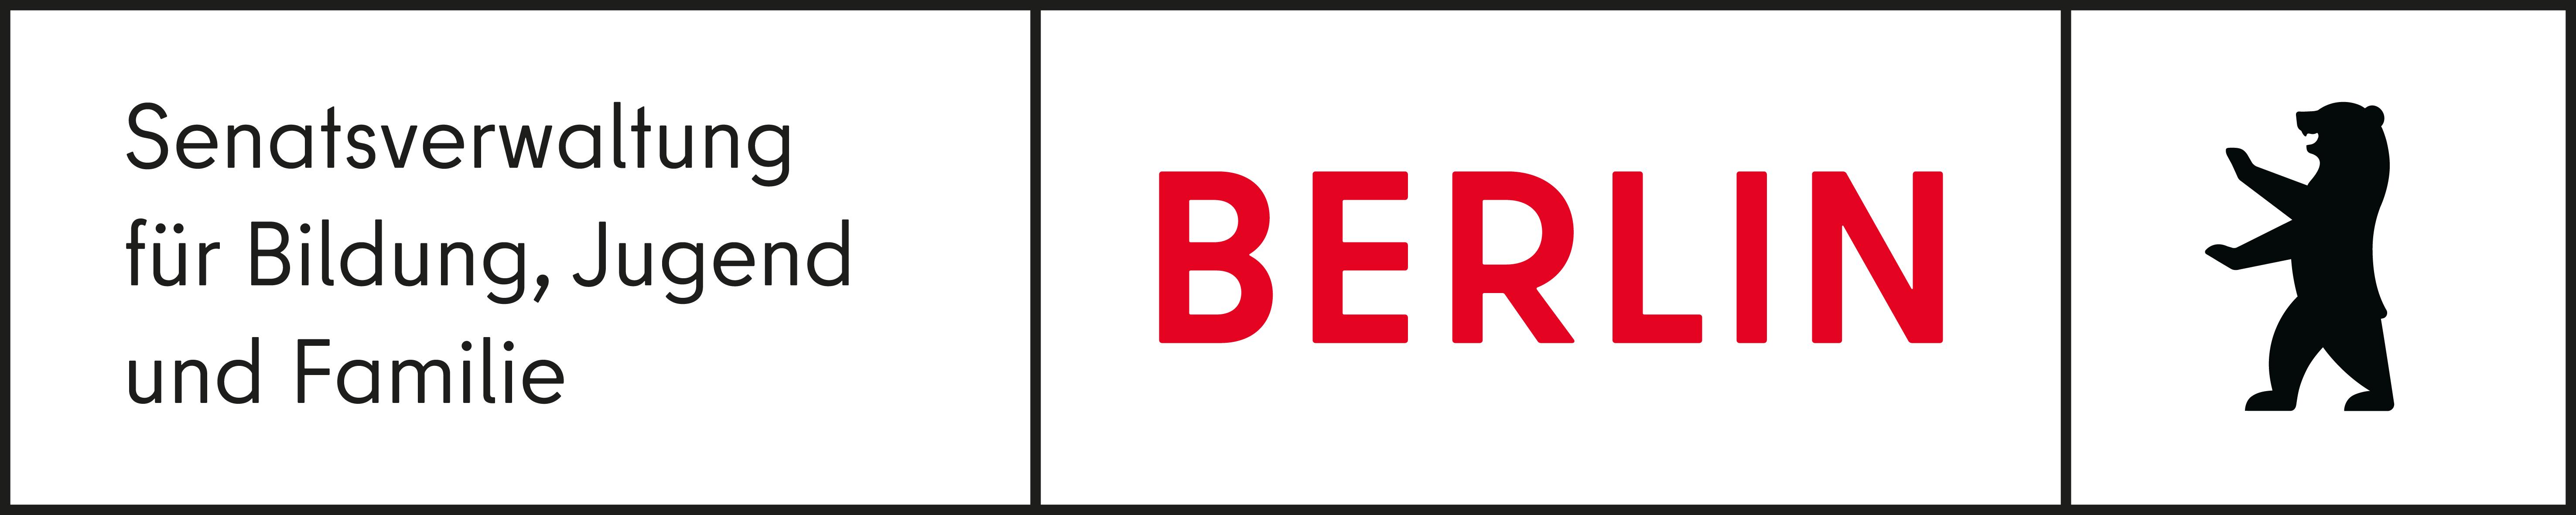 Logo: Berliner Senatsverwaltung für Bildung, Jungend und Familie